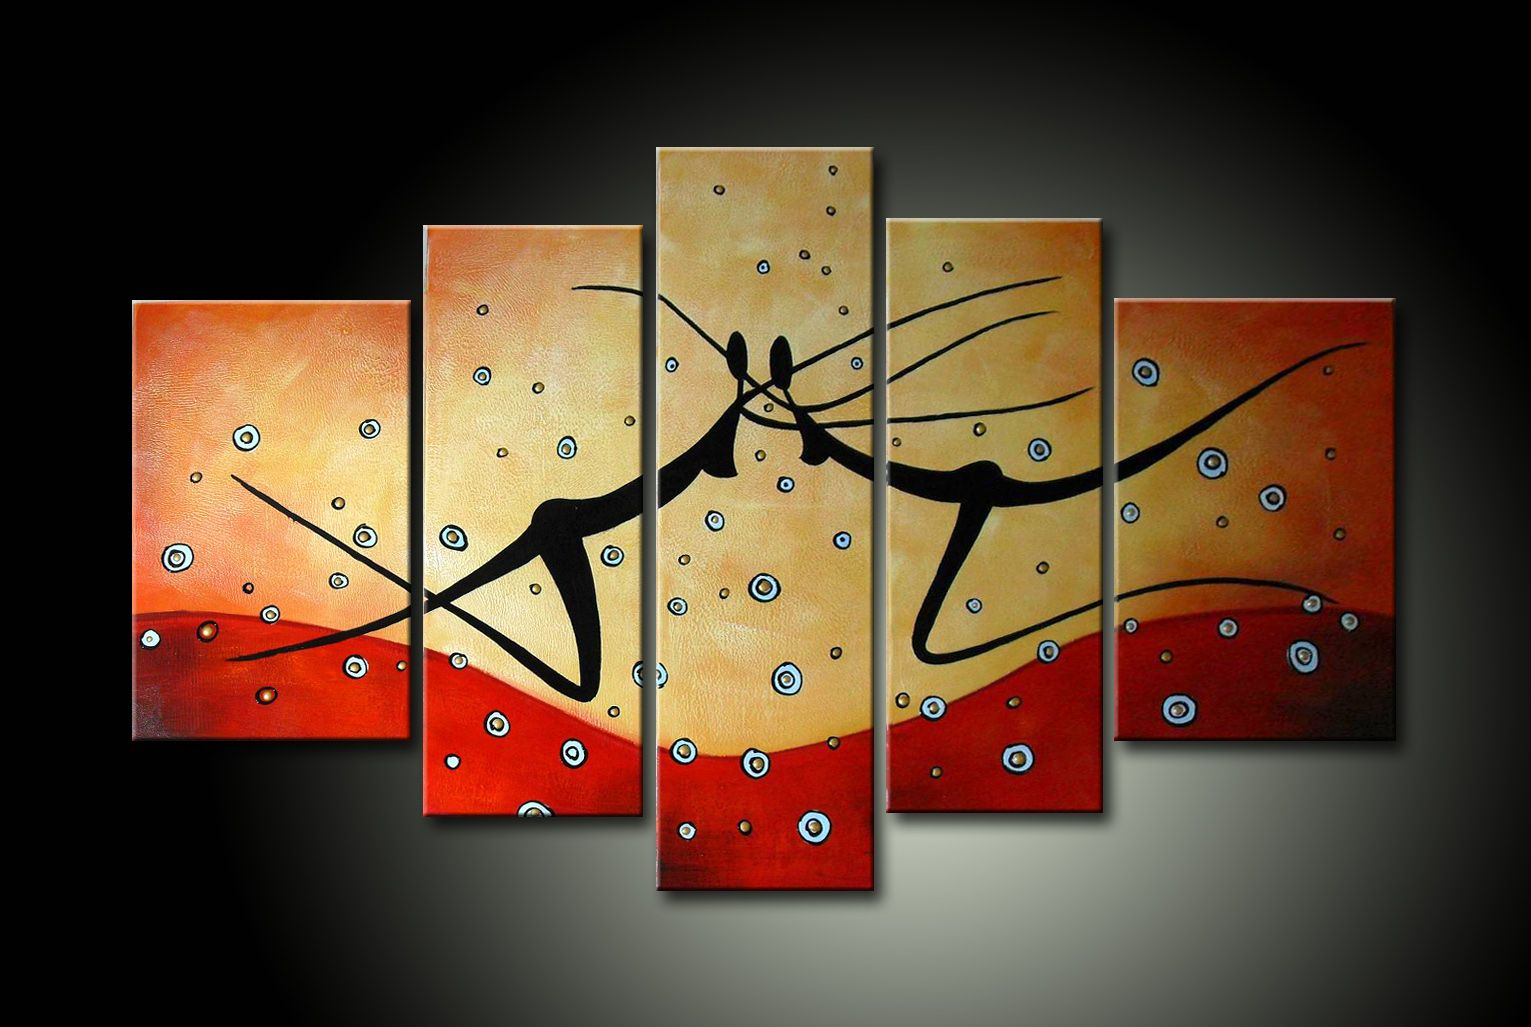 Como hacer cuadros abstractos modernos imagui for Imagenes de cuadros abstractos faciles de hacer